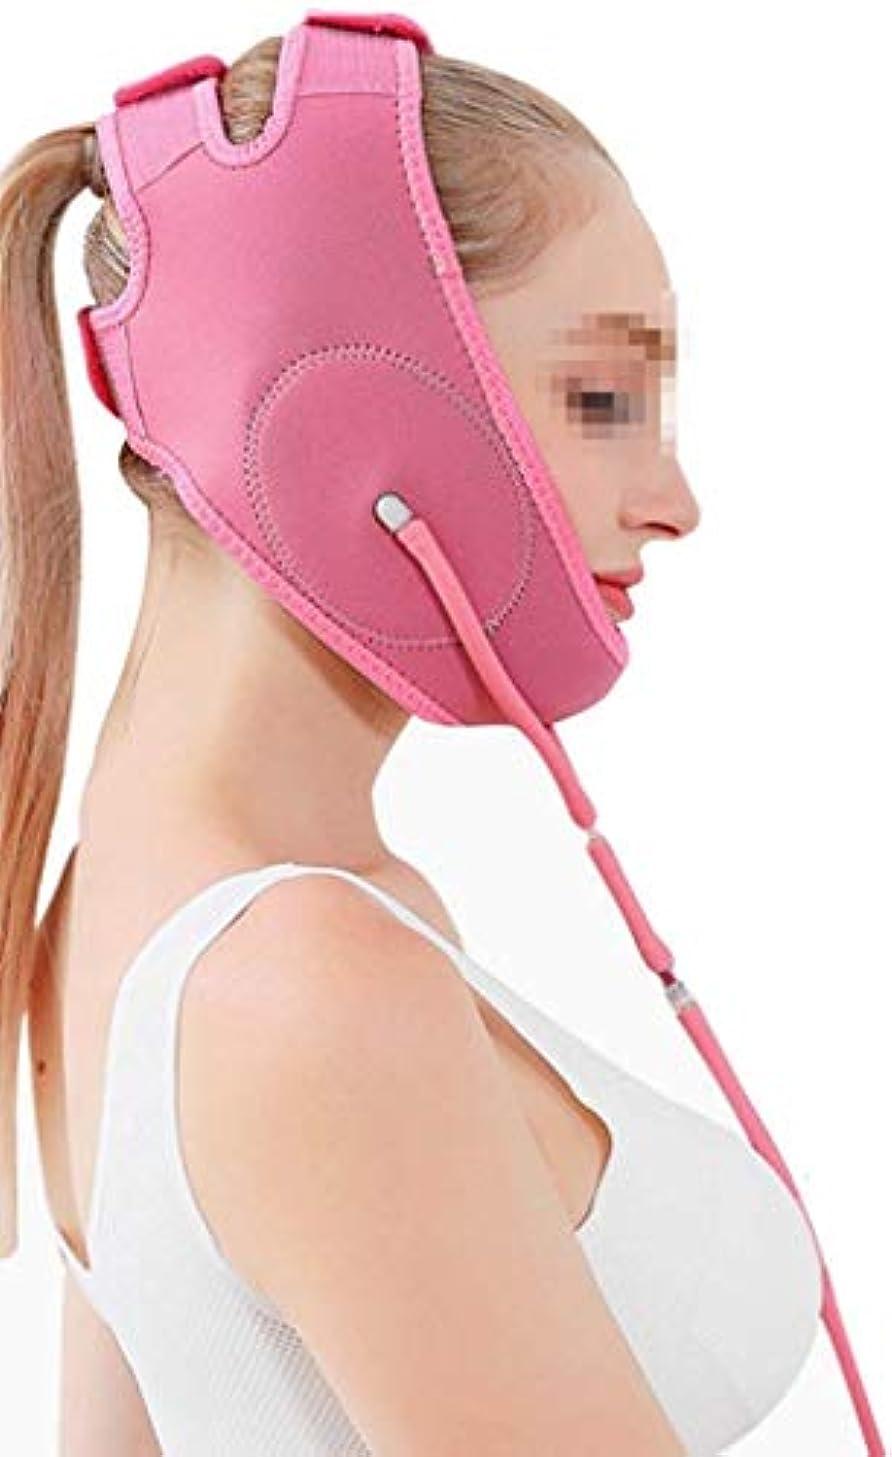 中傷施し電気陽性スリミングVフェイスマスク、空気圧薄型フェイスベルト、マスクスモールVフェイス圧力リフティングシェーピングバイトファーミングパターンダブルチンバンデージシンフェイスバンデージマルチカラー(色:ピンク)